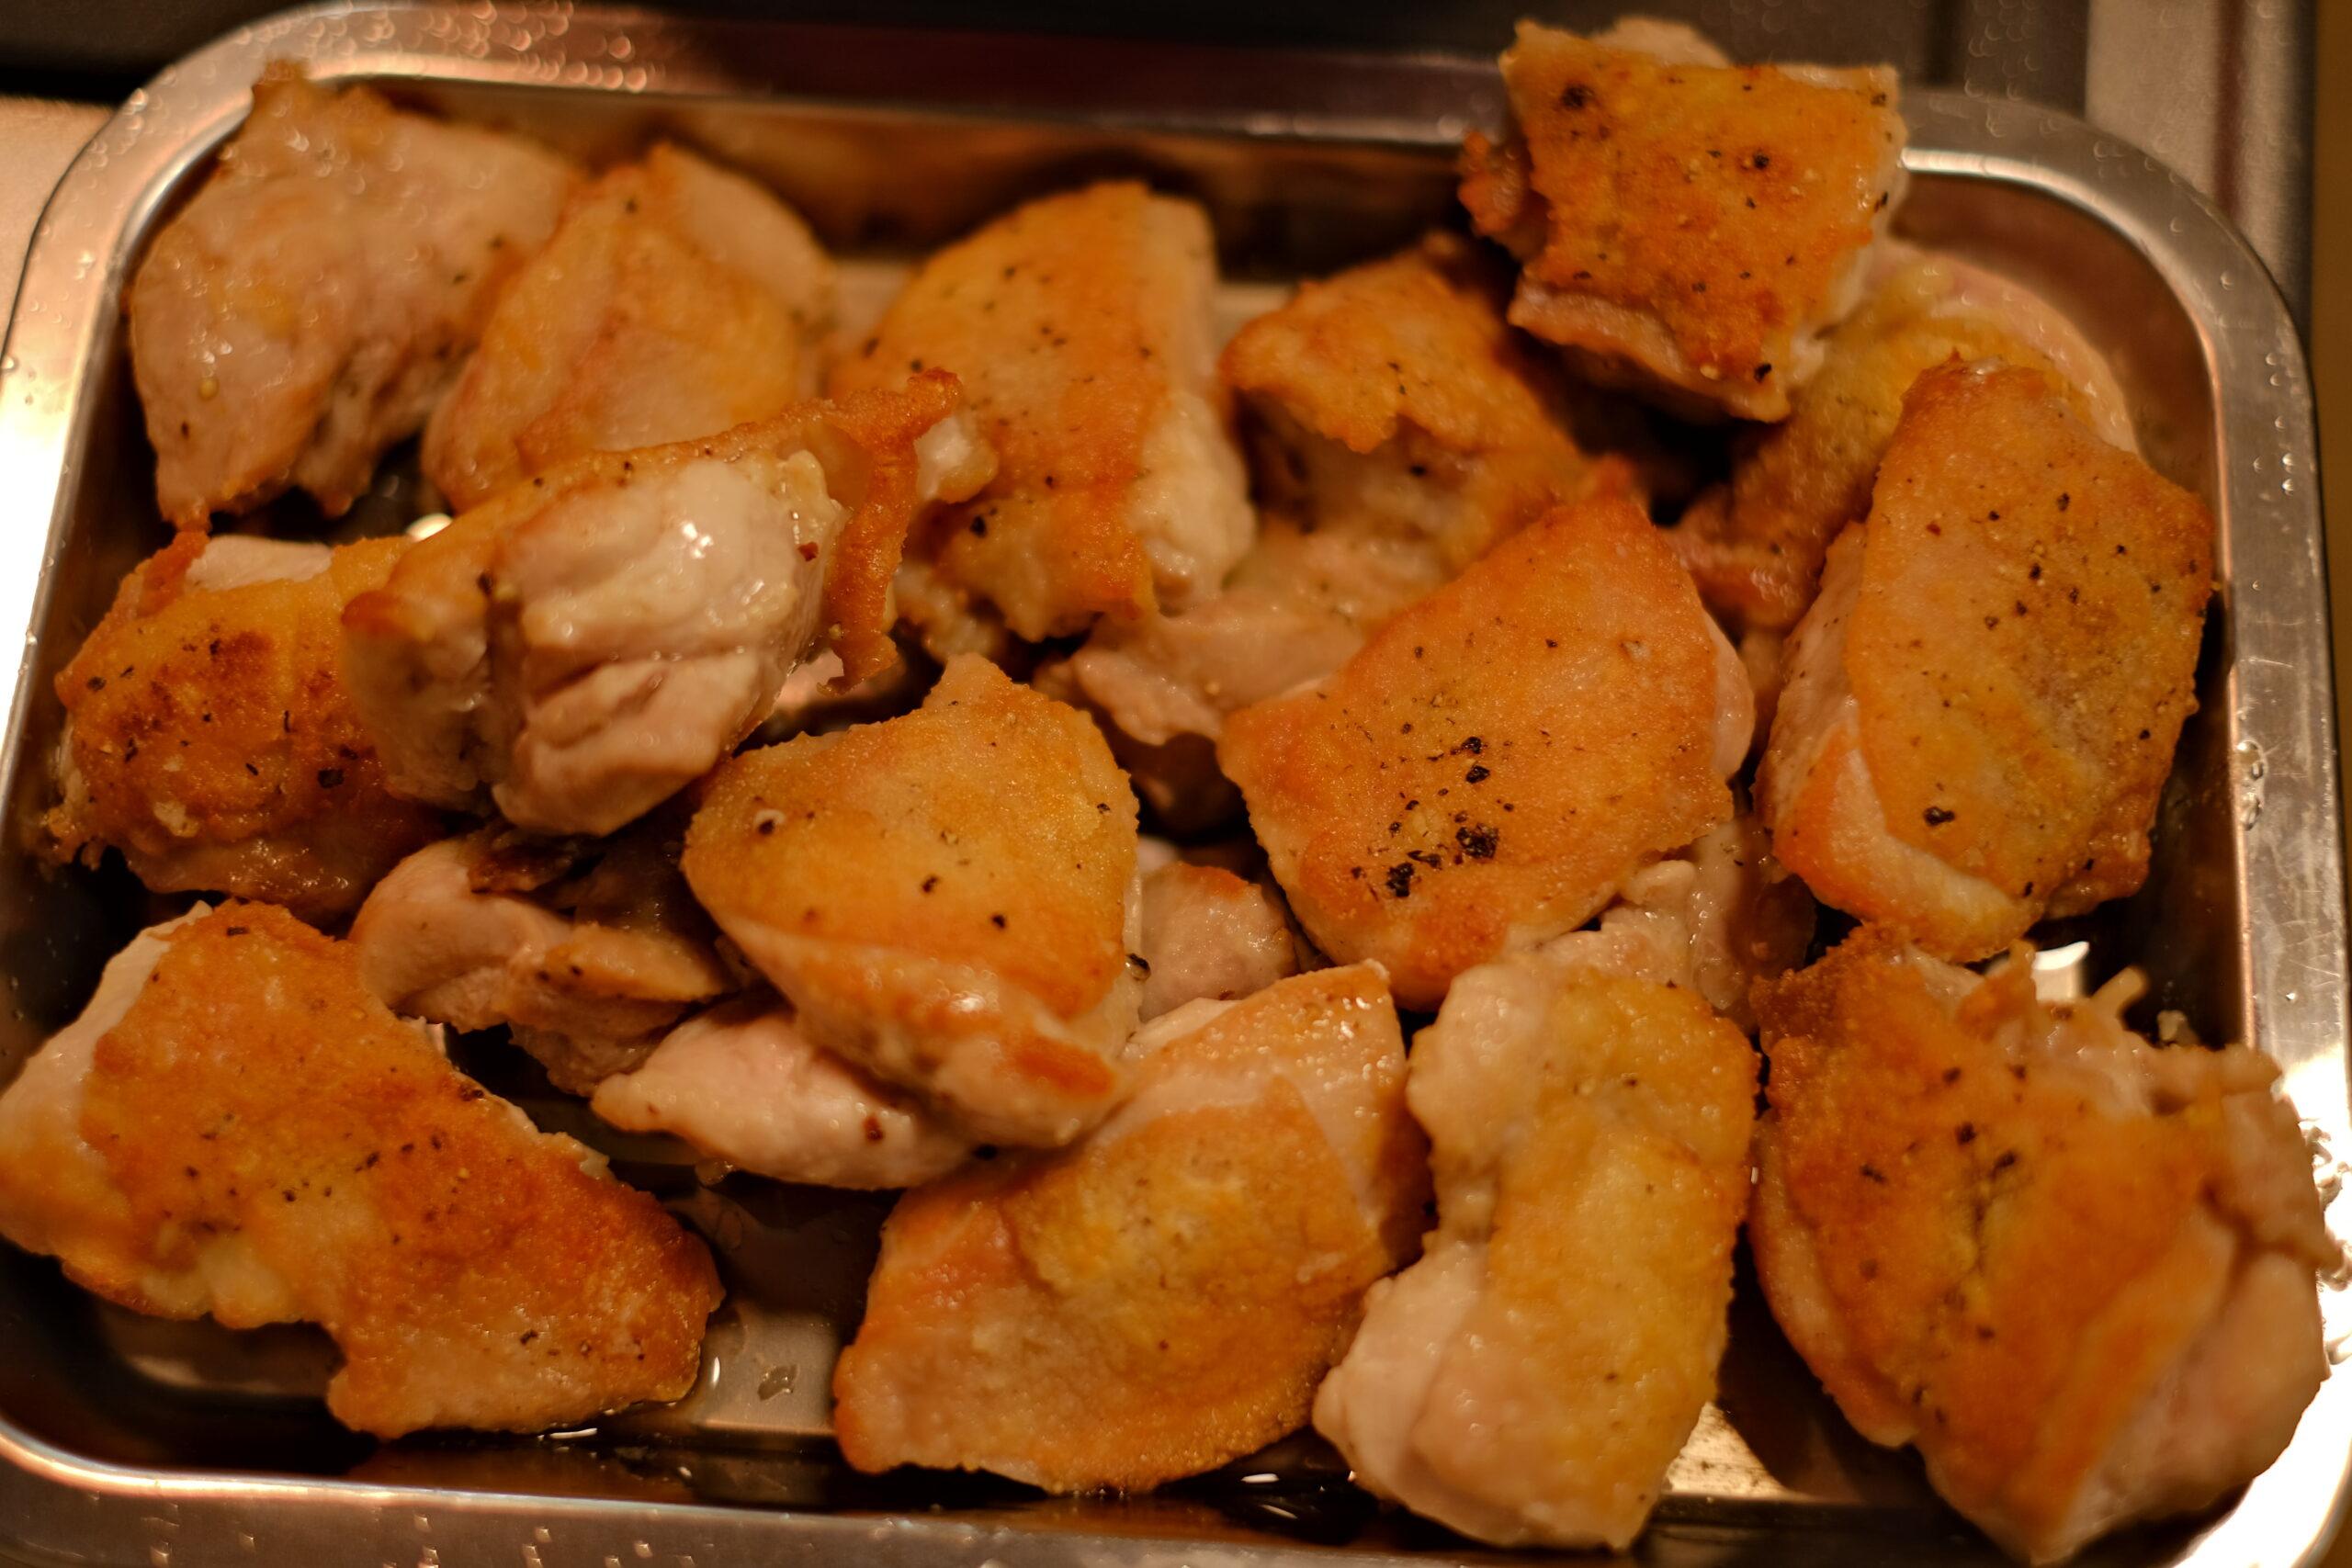 両面香ばしく焼いた鶏もも肉の画像です